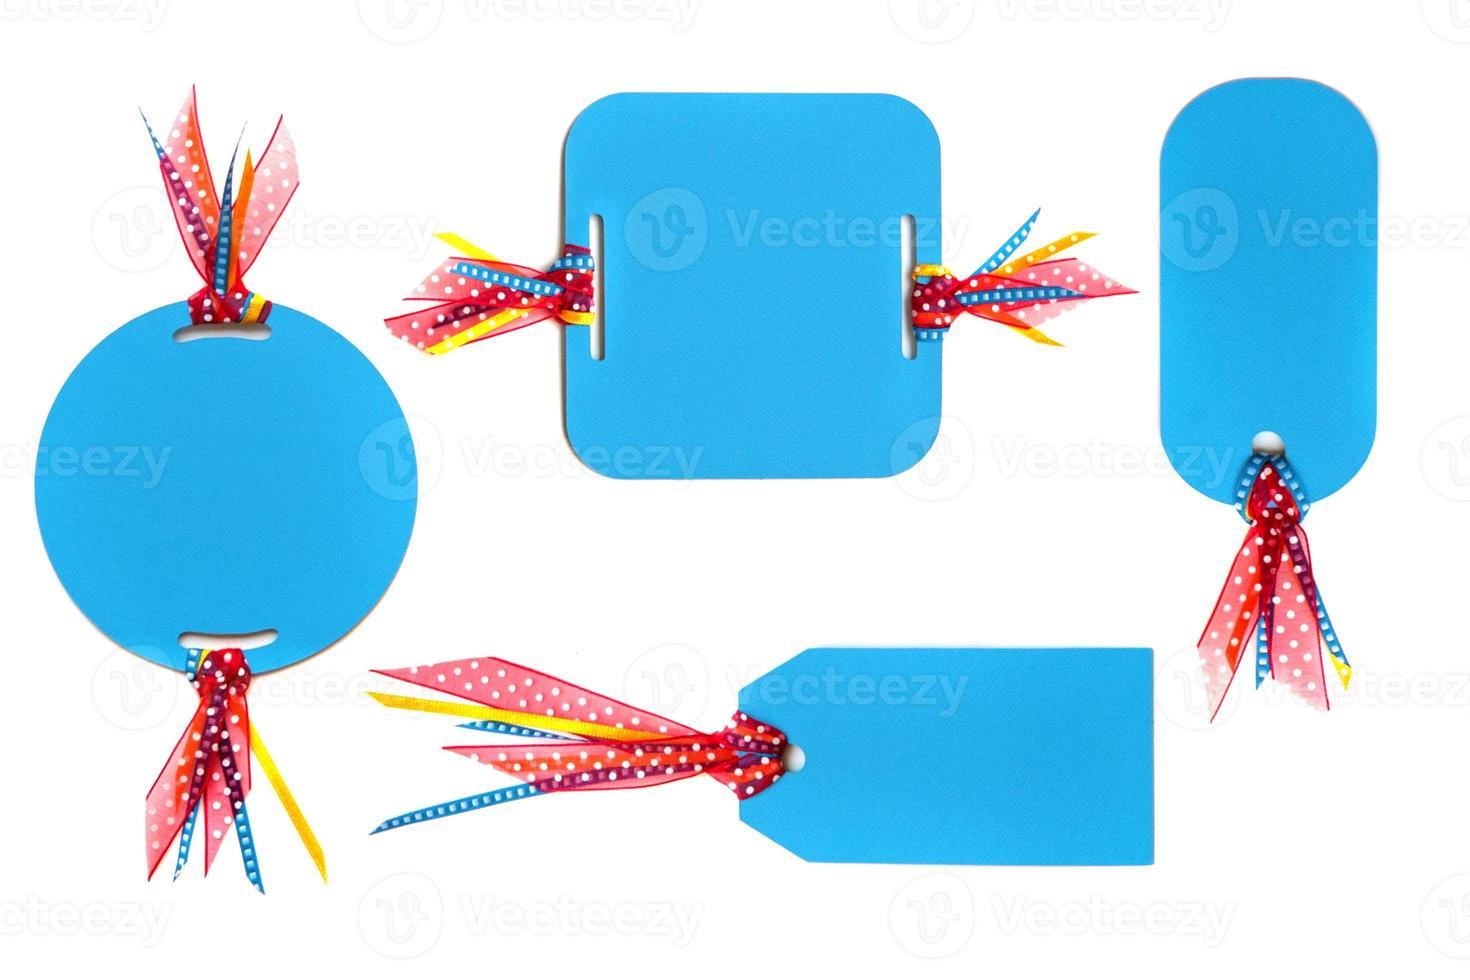 etiquetas de papel hechas a mano con cinta de colores foto